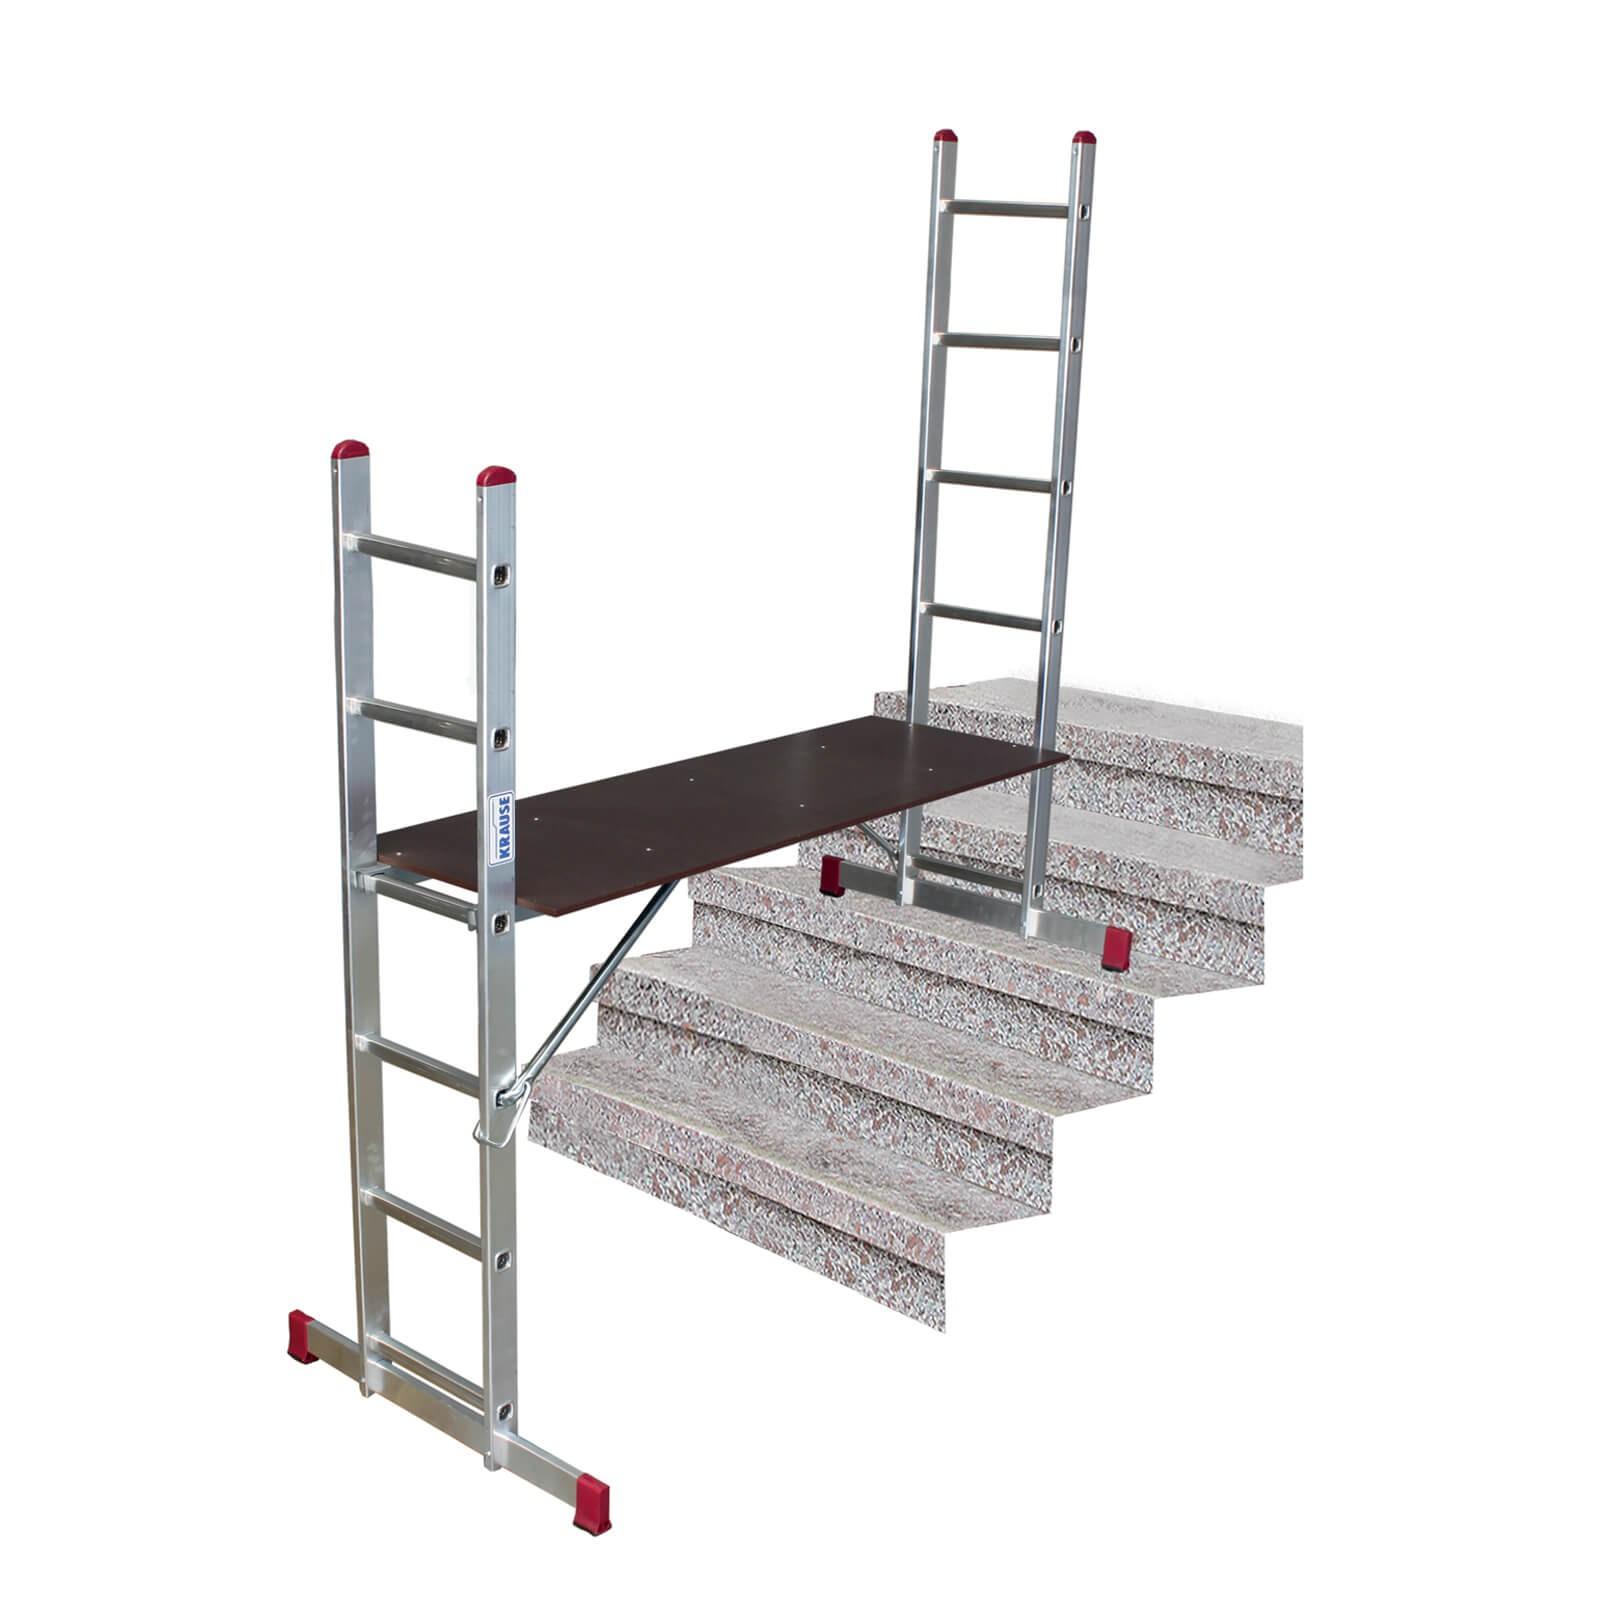 krause corda alu leiter ger st multiger st stehleiter 2x6 sprossen klappleiter ebay. Black Bedroom Furniture Sets. Home Design Ideas